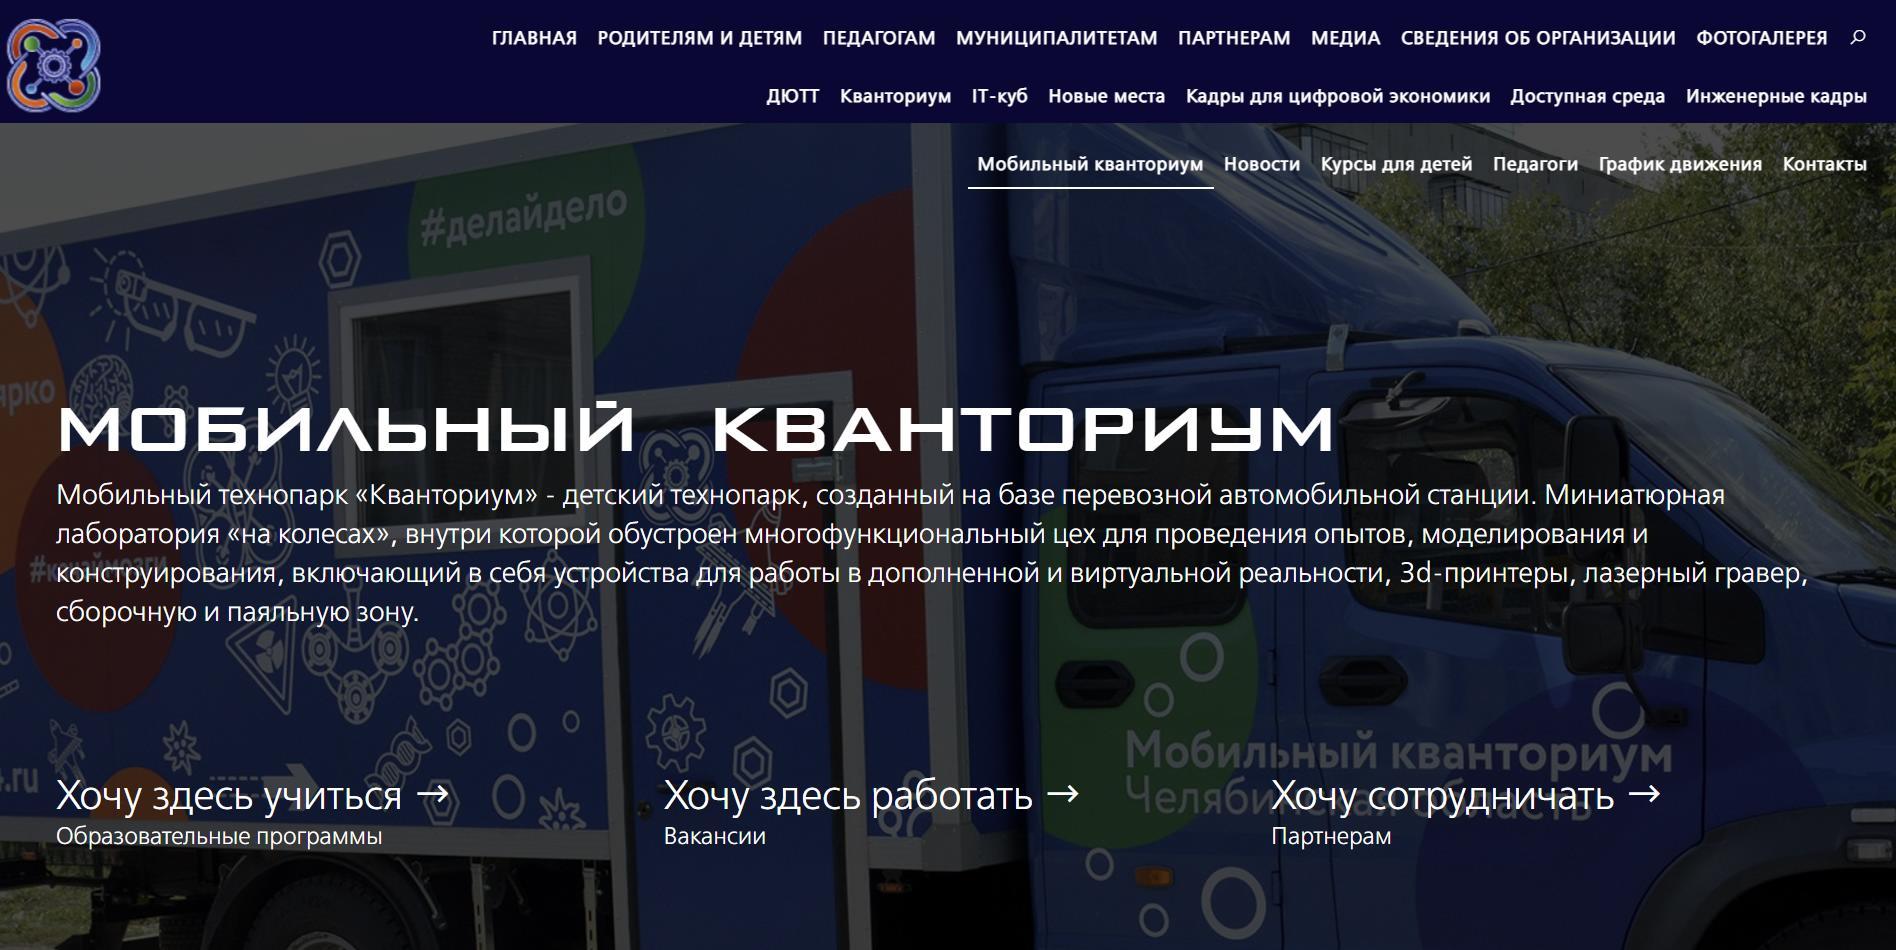 Сайт мобильного кванториума